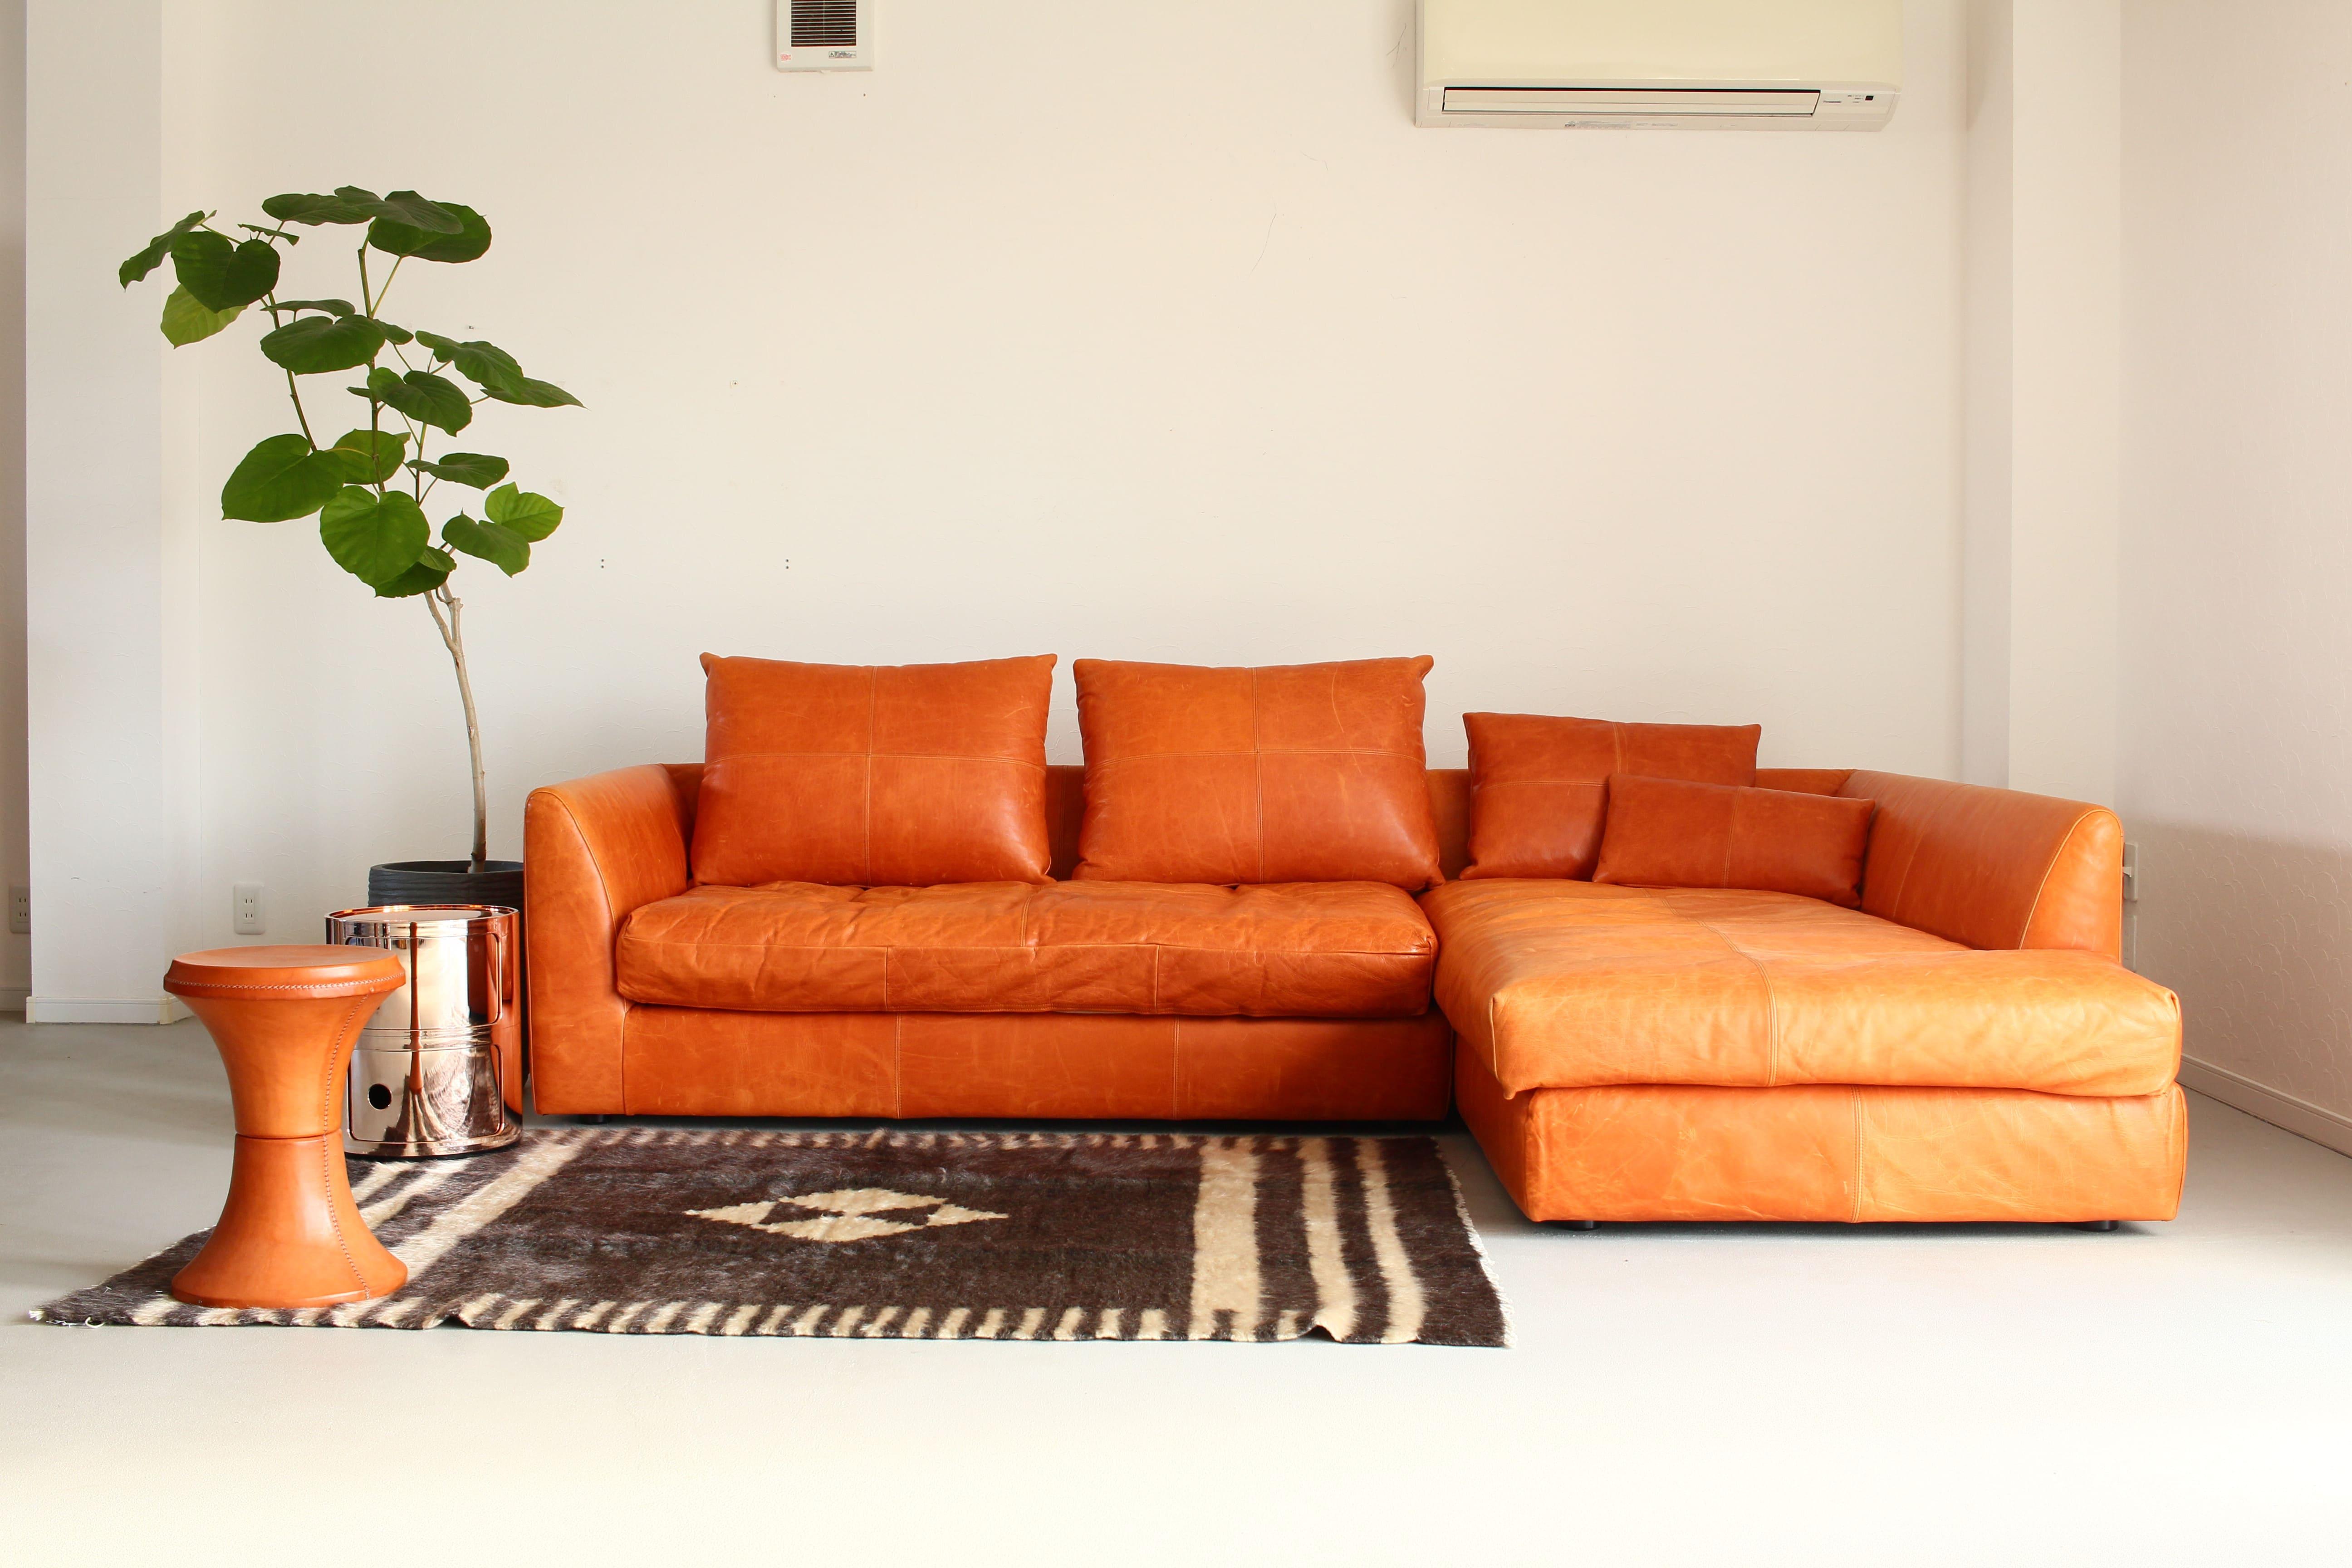 革のソファがあるリビングの様子